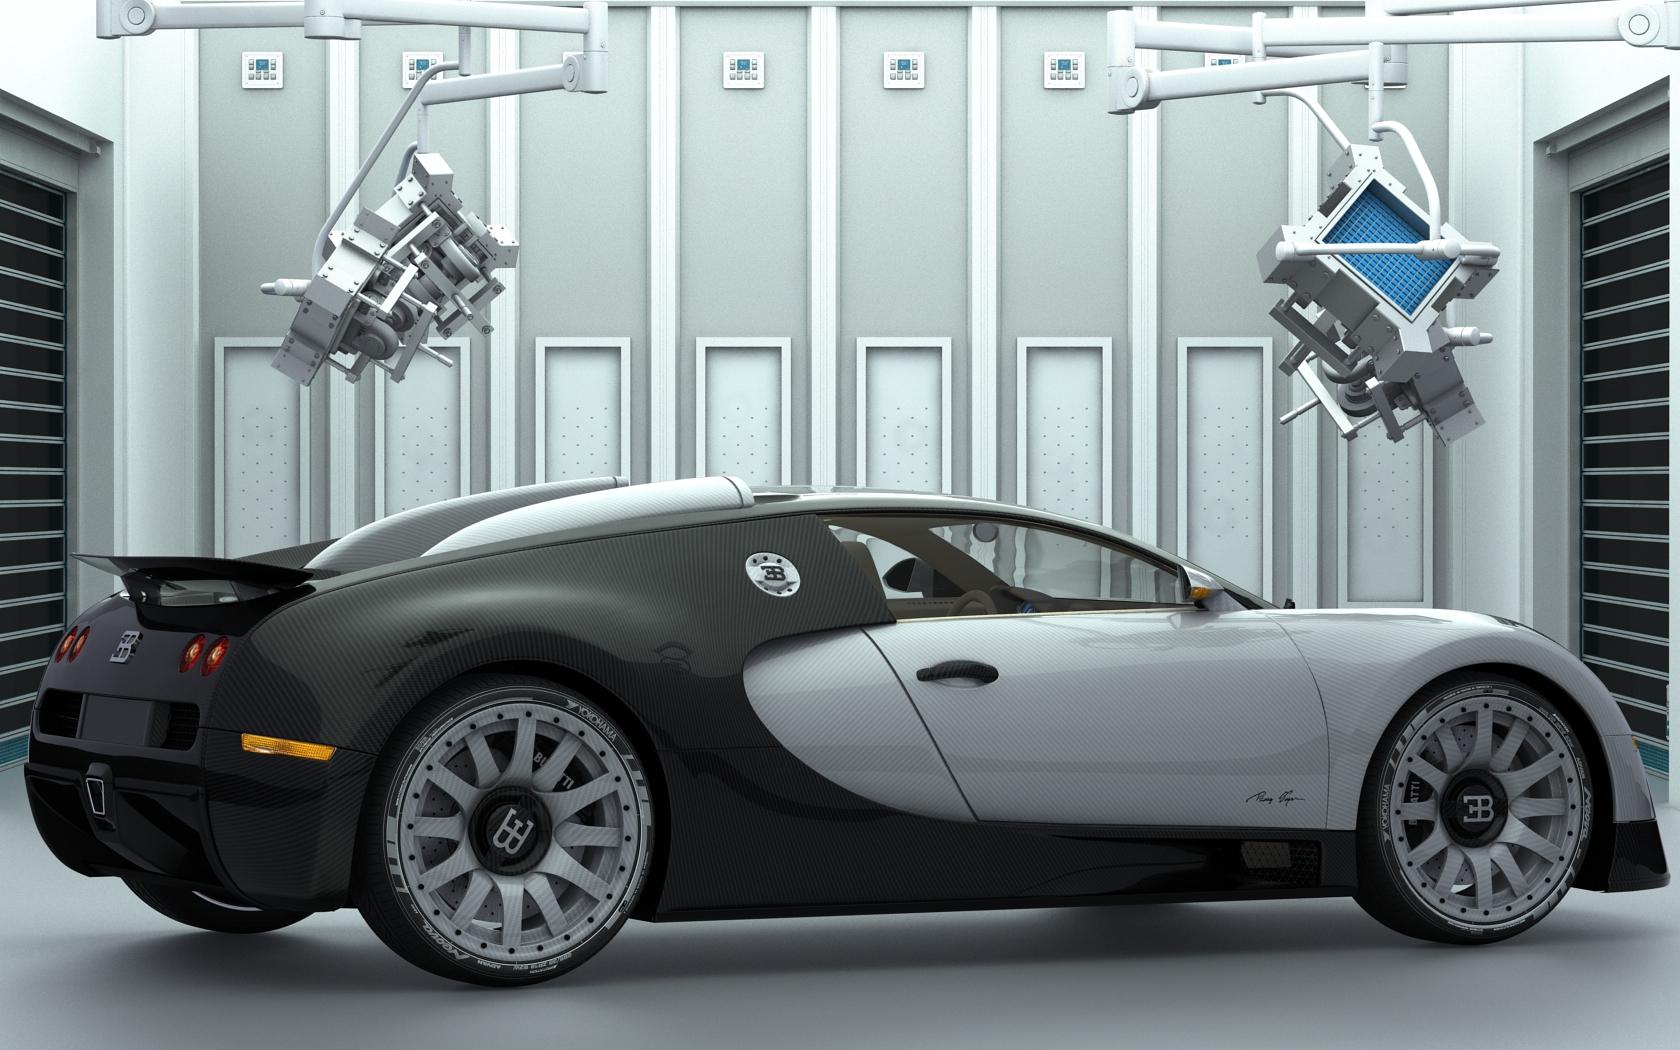 Bugatti Veyron Carbon by Dracu-Teufel666